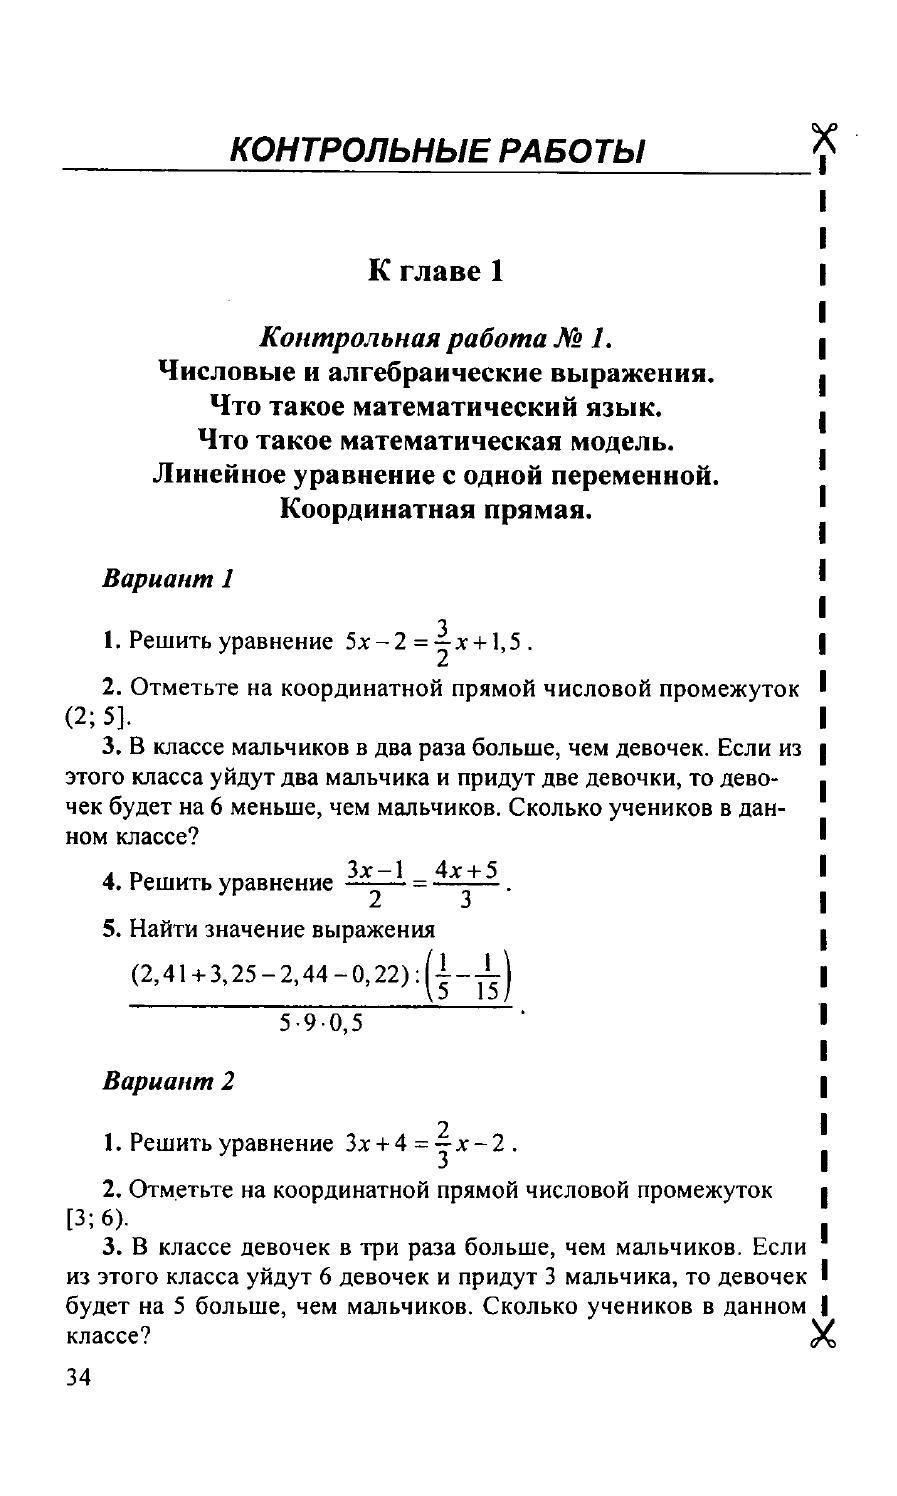 Гдз такое что модель математическая